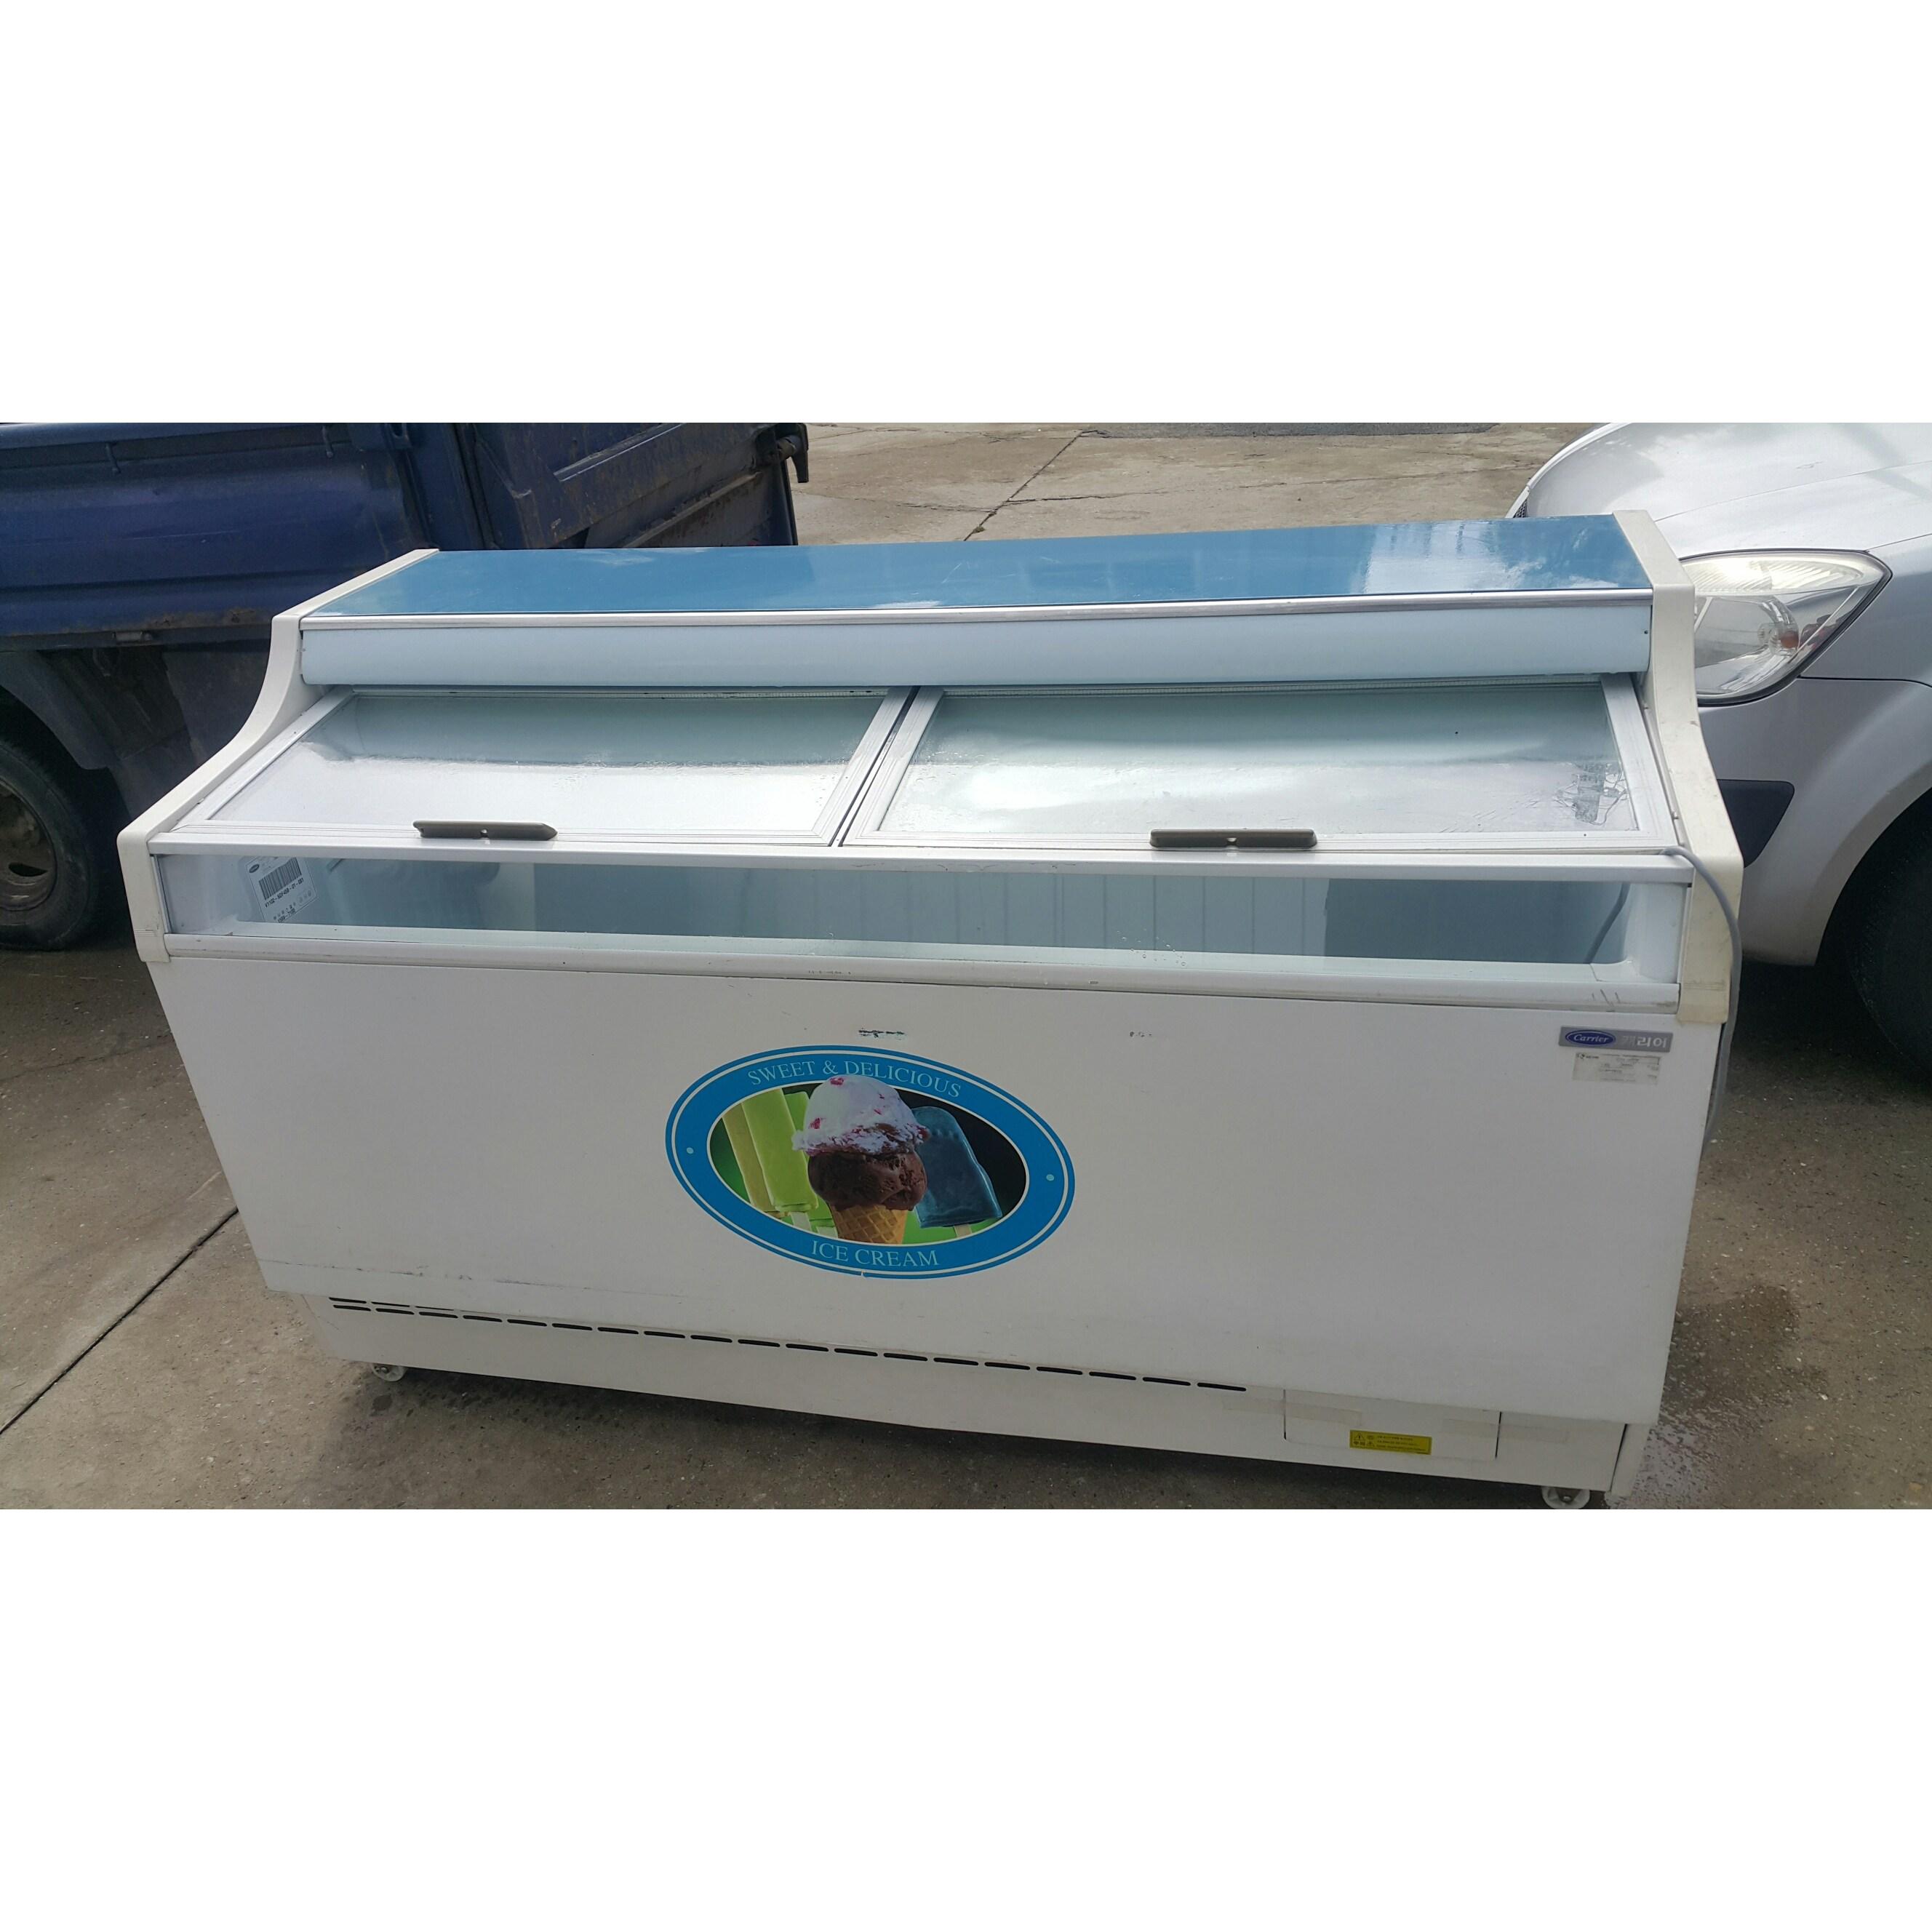 중고 캐리어 아이스크림냉동고 대형(가로1600) CSS-451FD (POP 2036352385)